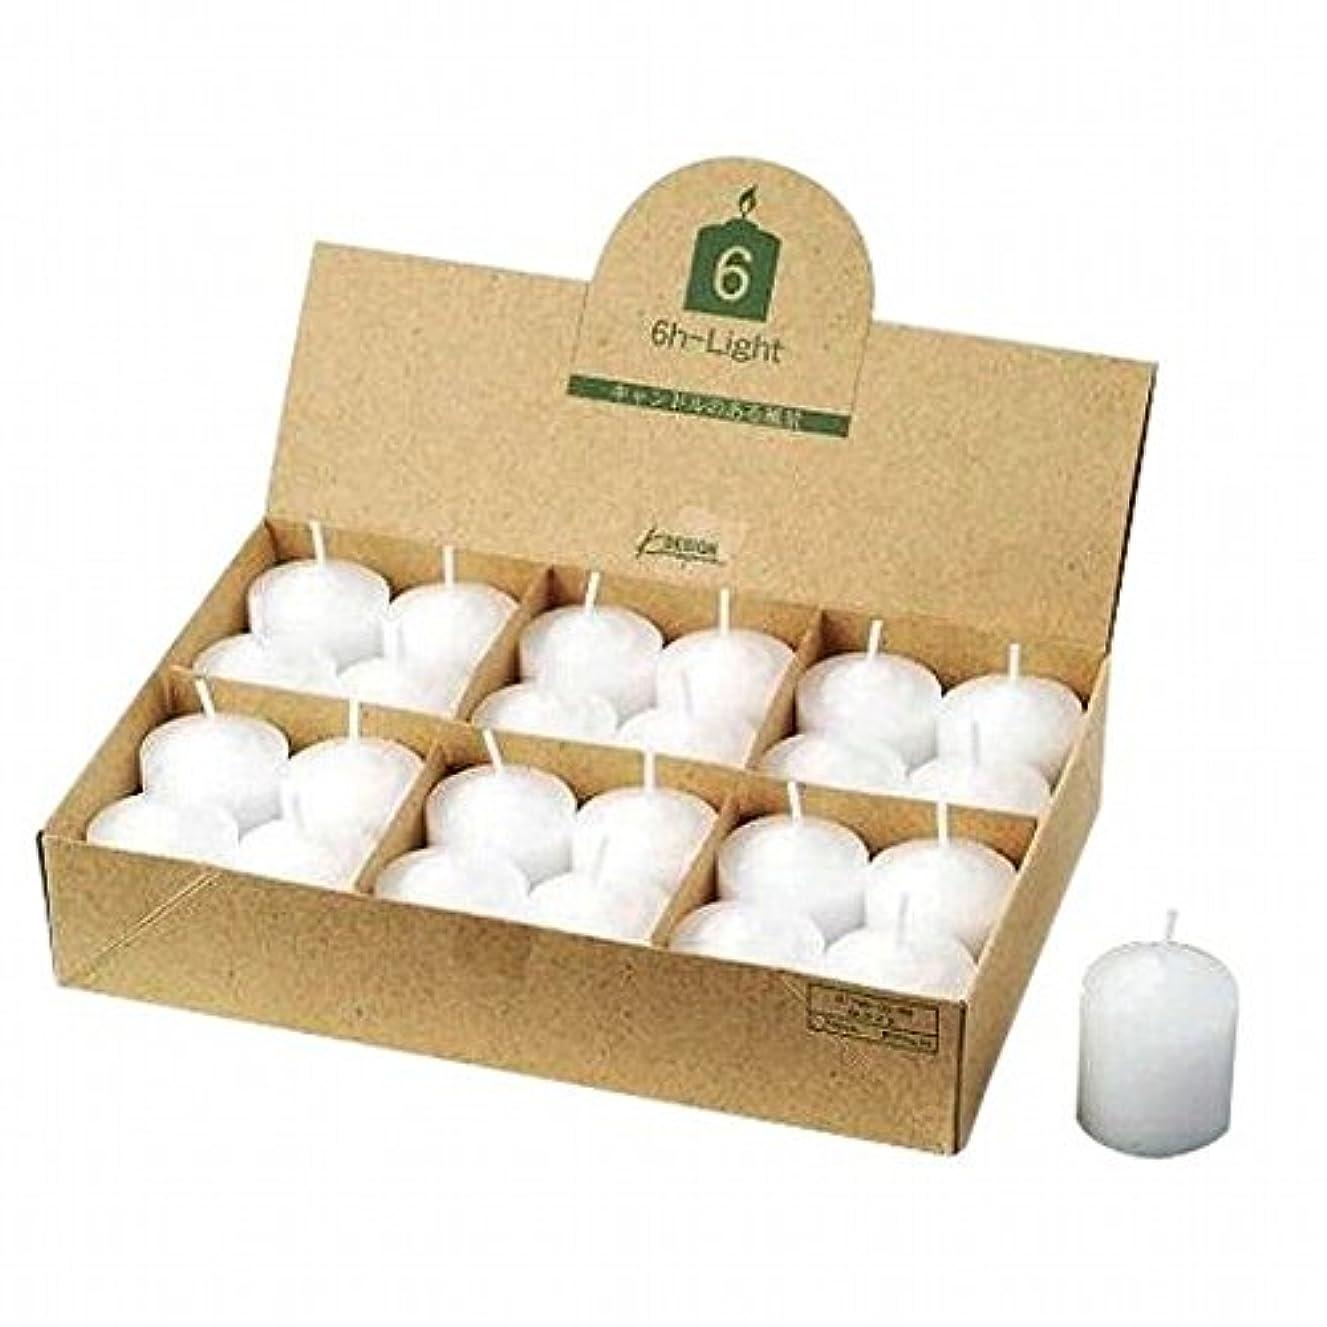 建築家グロースラム街kameyama candle(カメヤマキャンドル) 6Hライト(6時間タイプ)24個入り(日本製)(77960099)